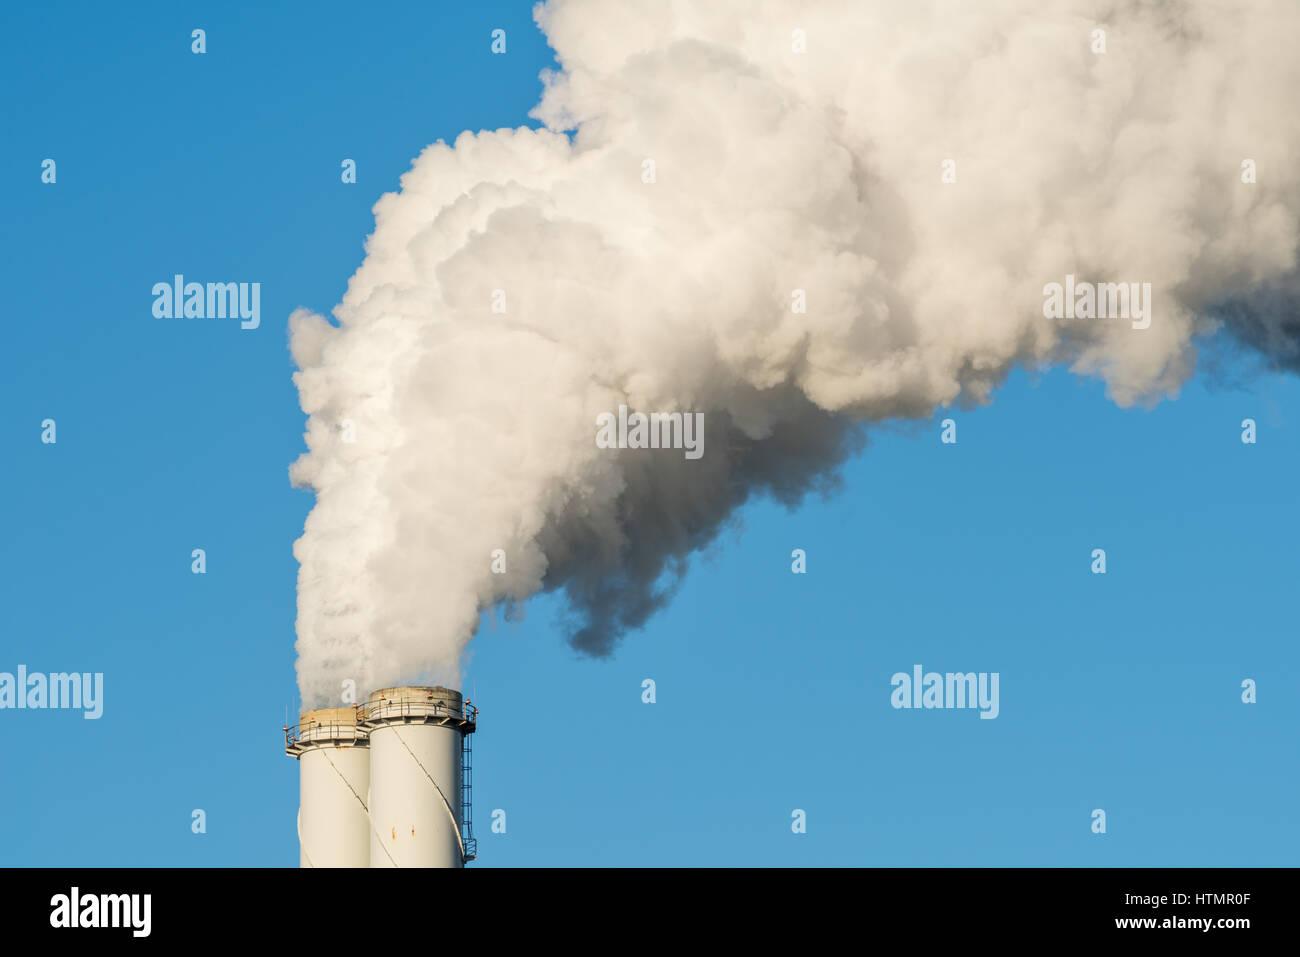 El tubo de una central eléctrica de carbón con humo blanco como un concepto de calentamiento global. Imagen De Stock